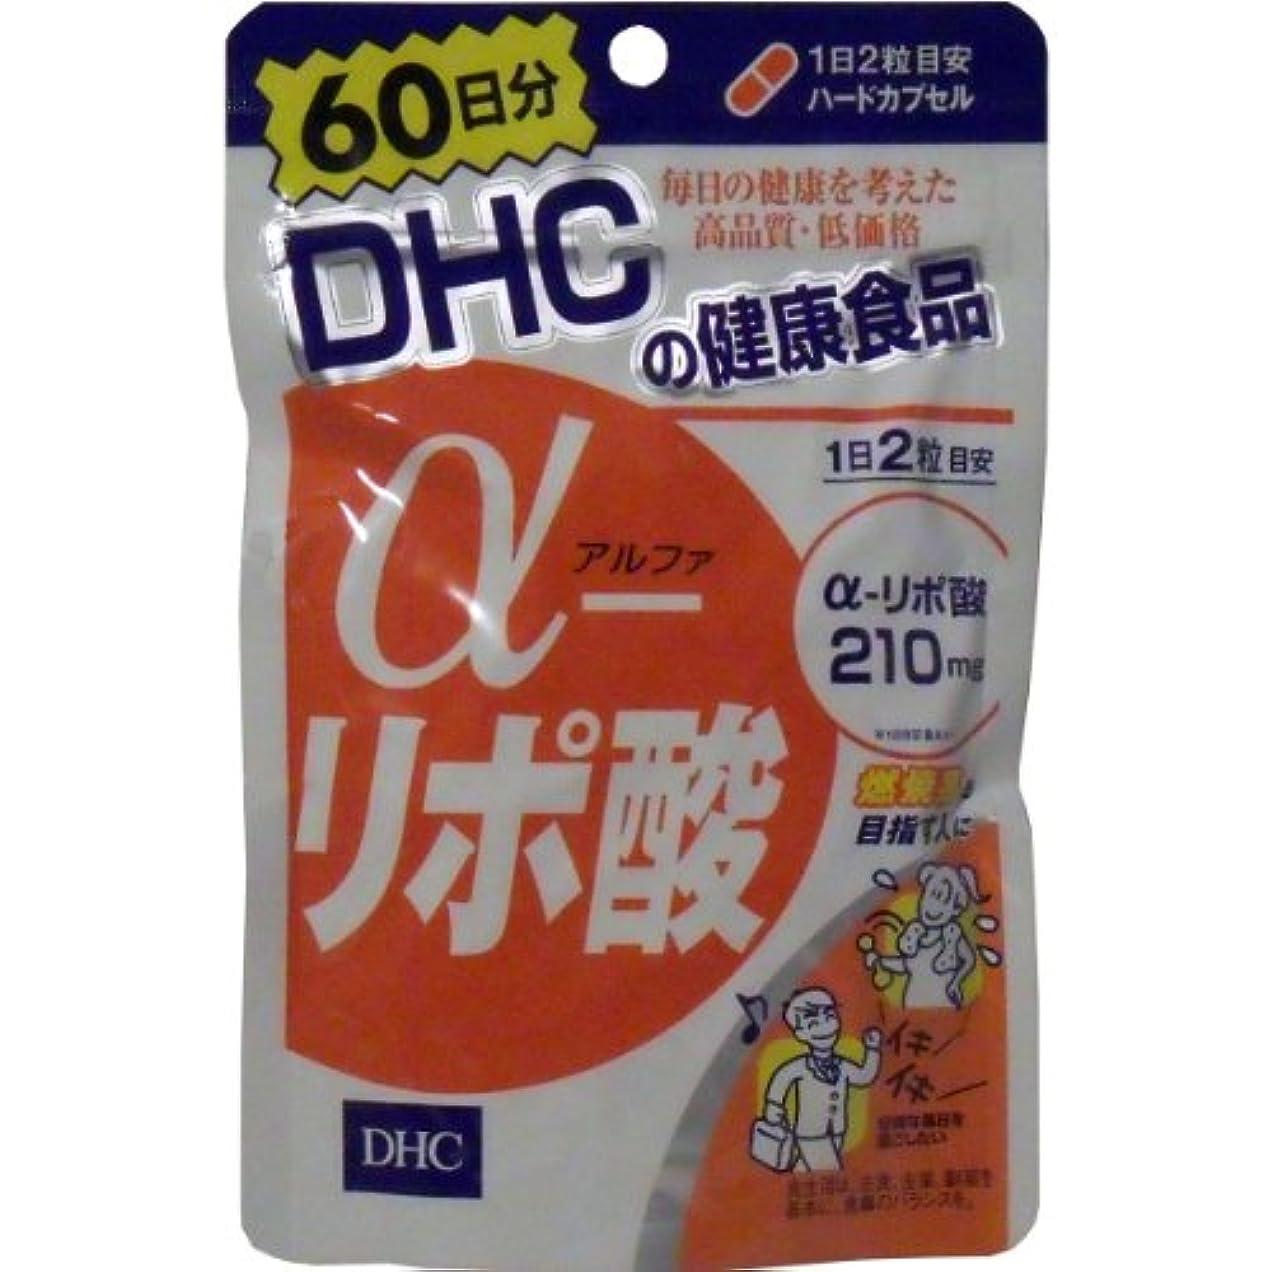 制限後悔かどうかα-リポ酸は、もともと体内にあるエネルギー活性成分。サプリメントでの効率的な補給がおすすめ!DHC120粒 60日分 【2個セット】